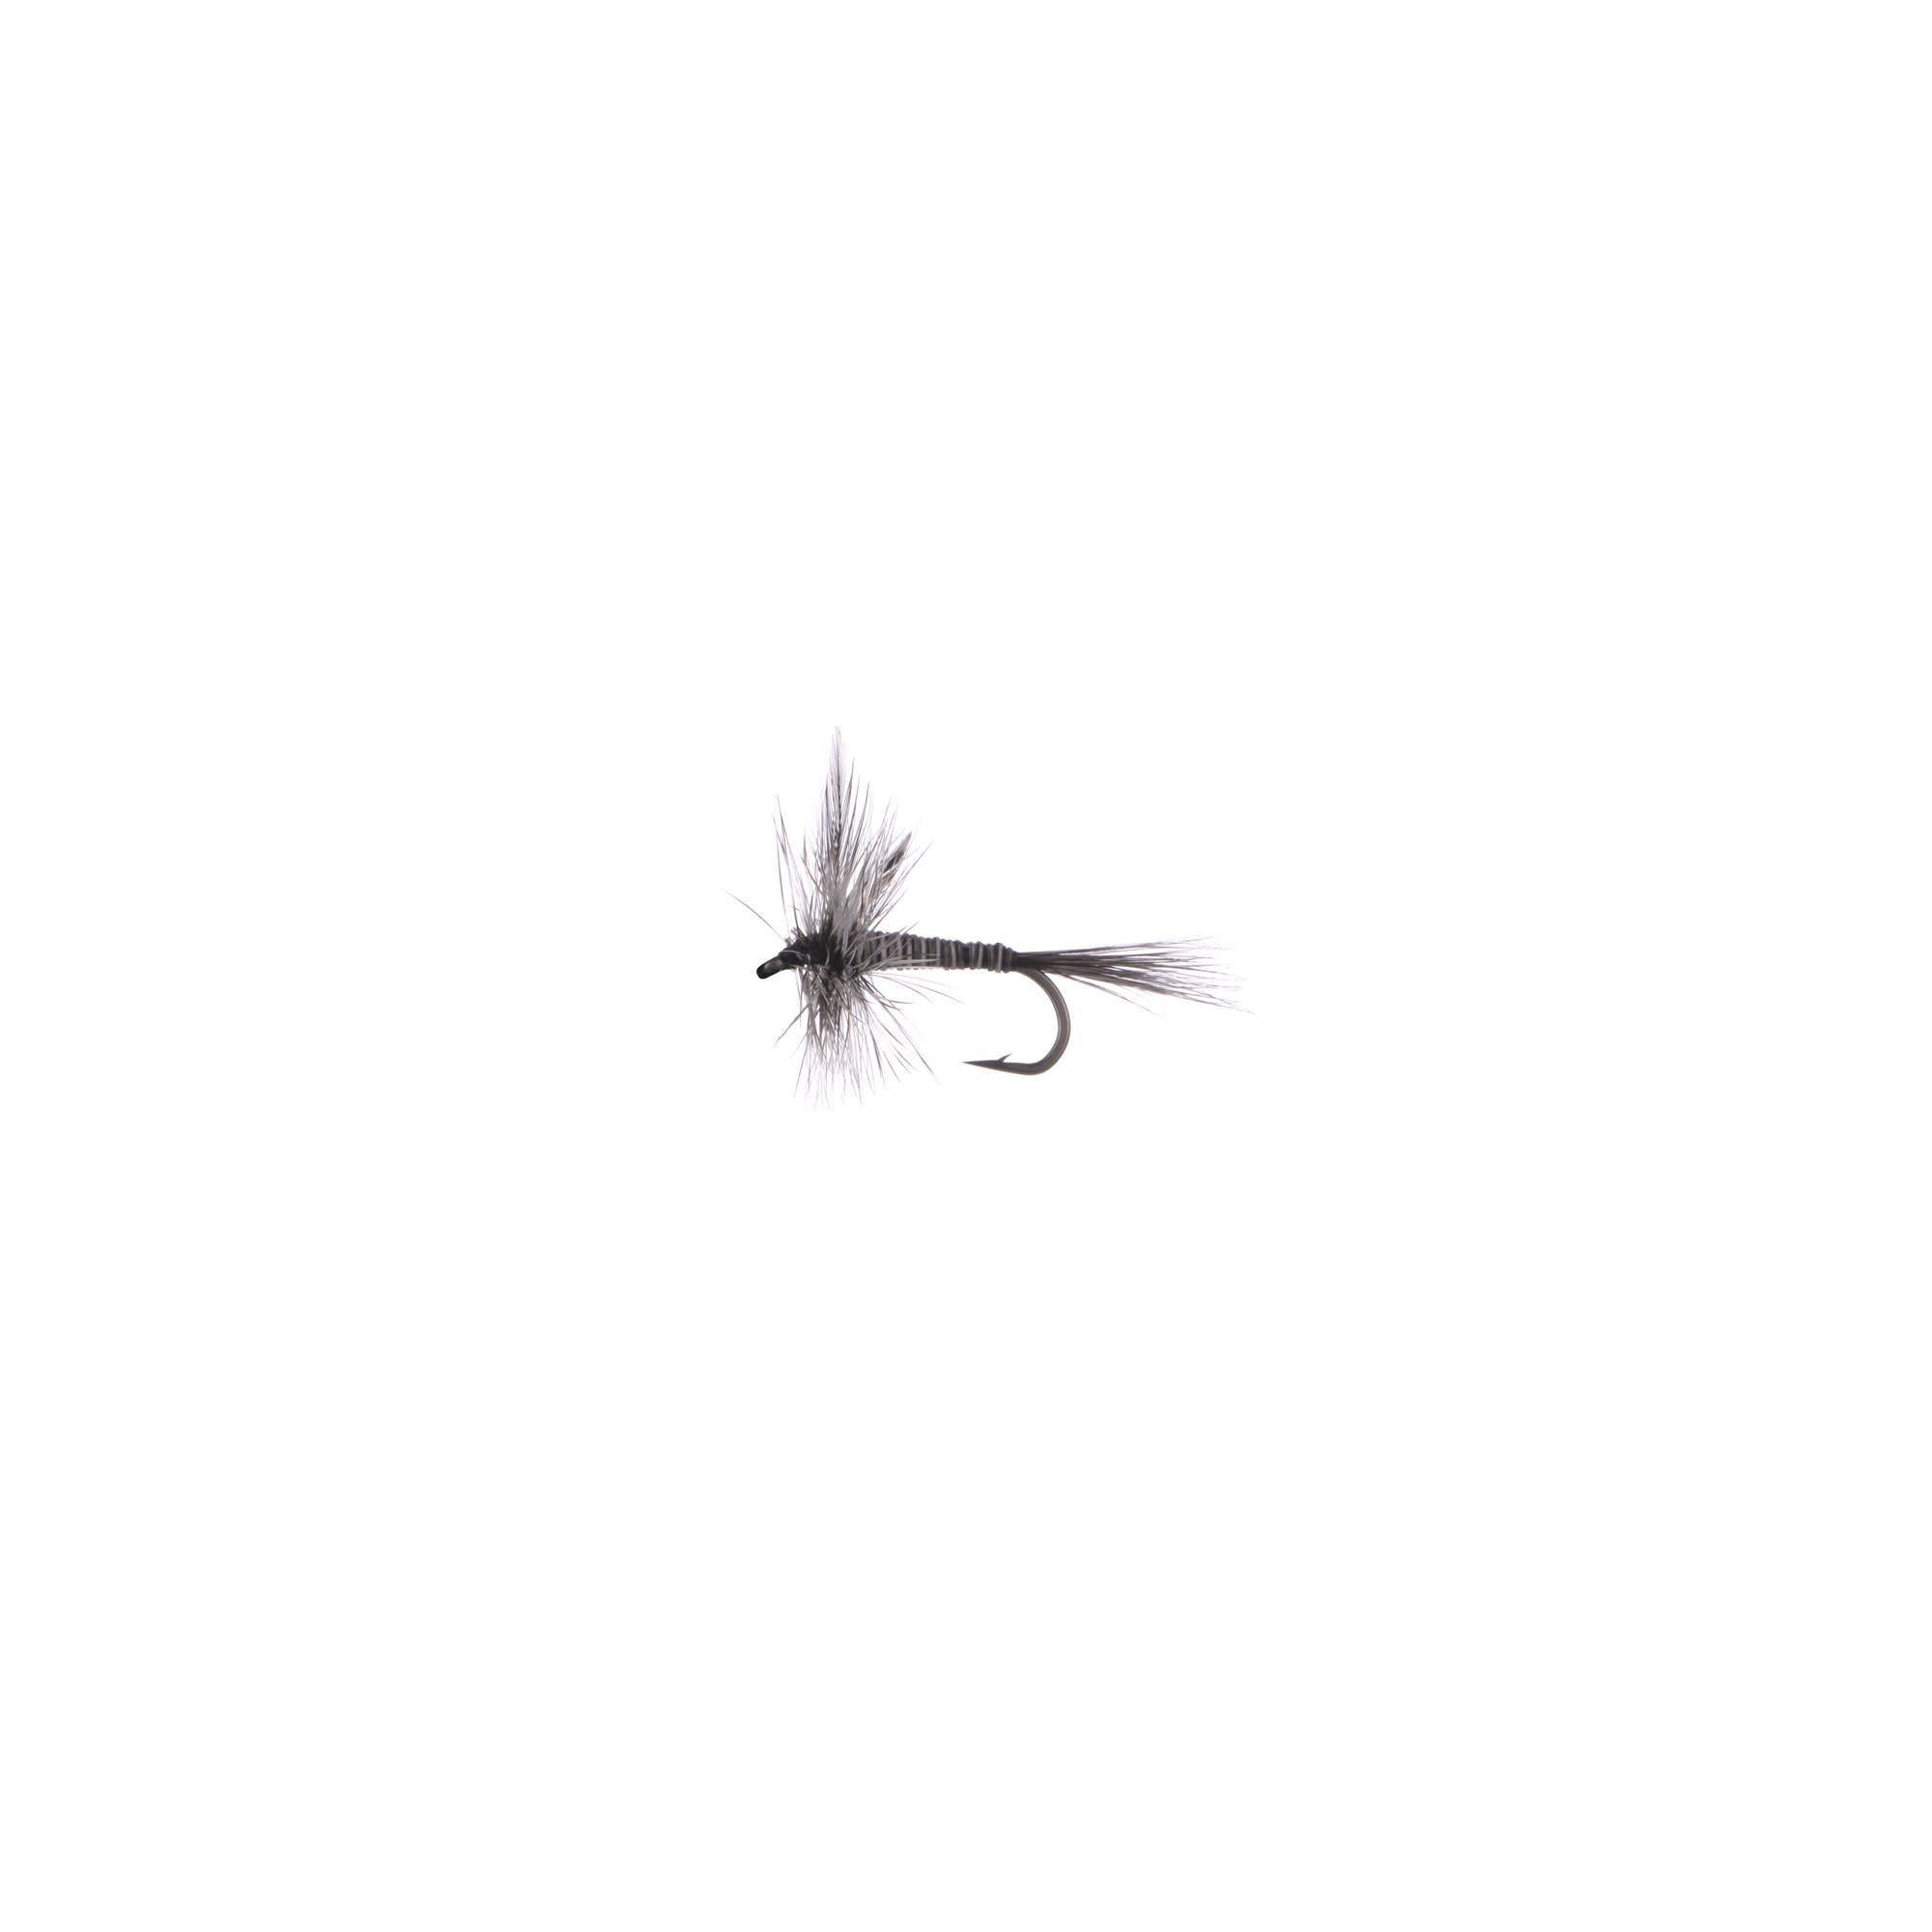 Mosquito #14